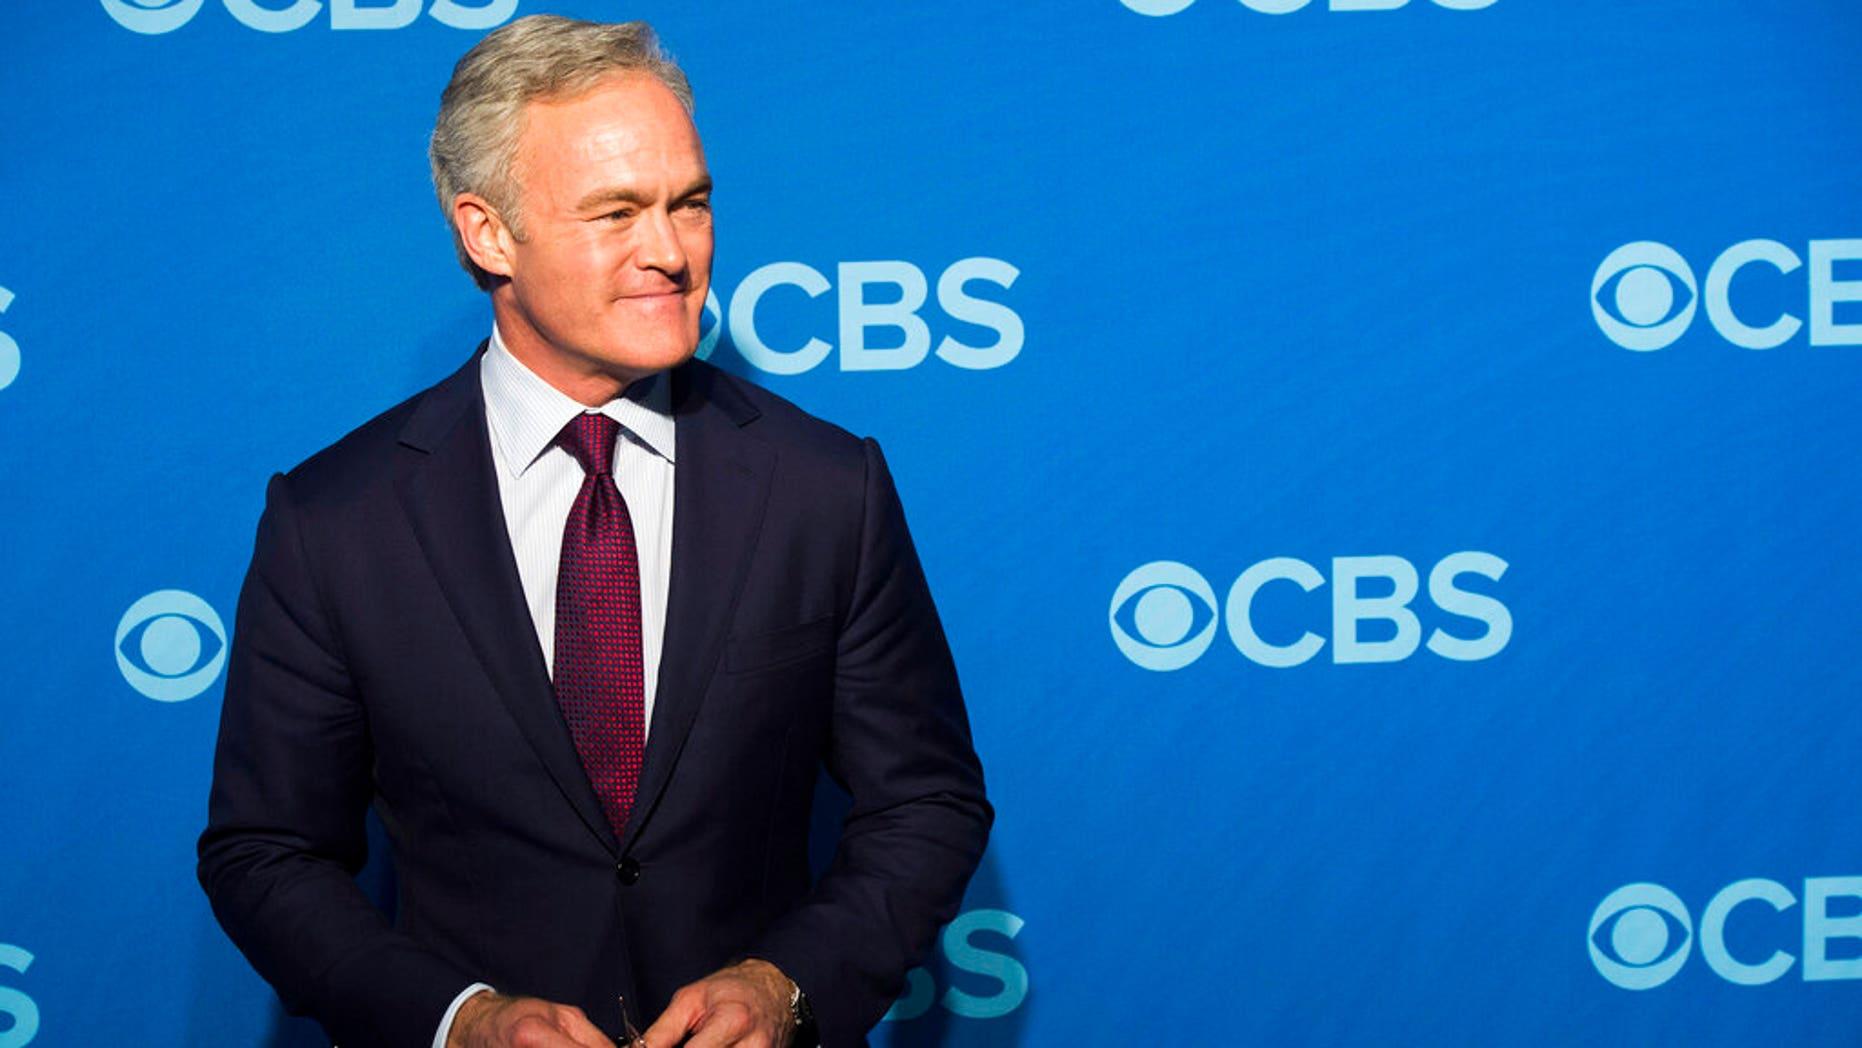 FILE: Scott Pelley attending the CBS Upfront in New York.